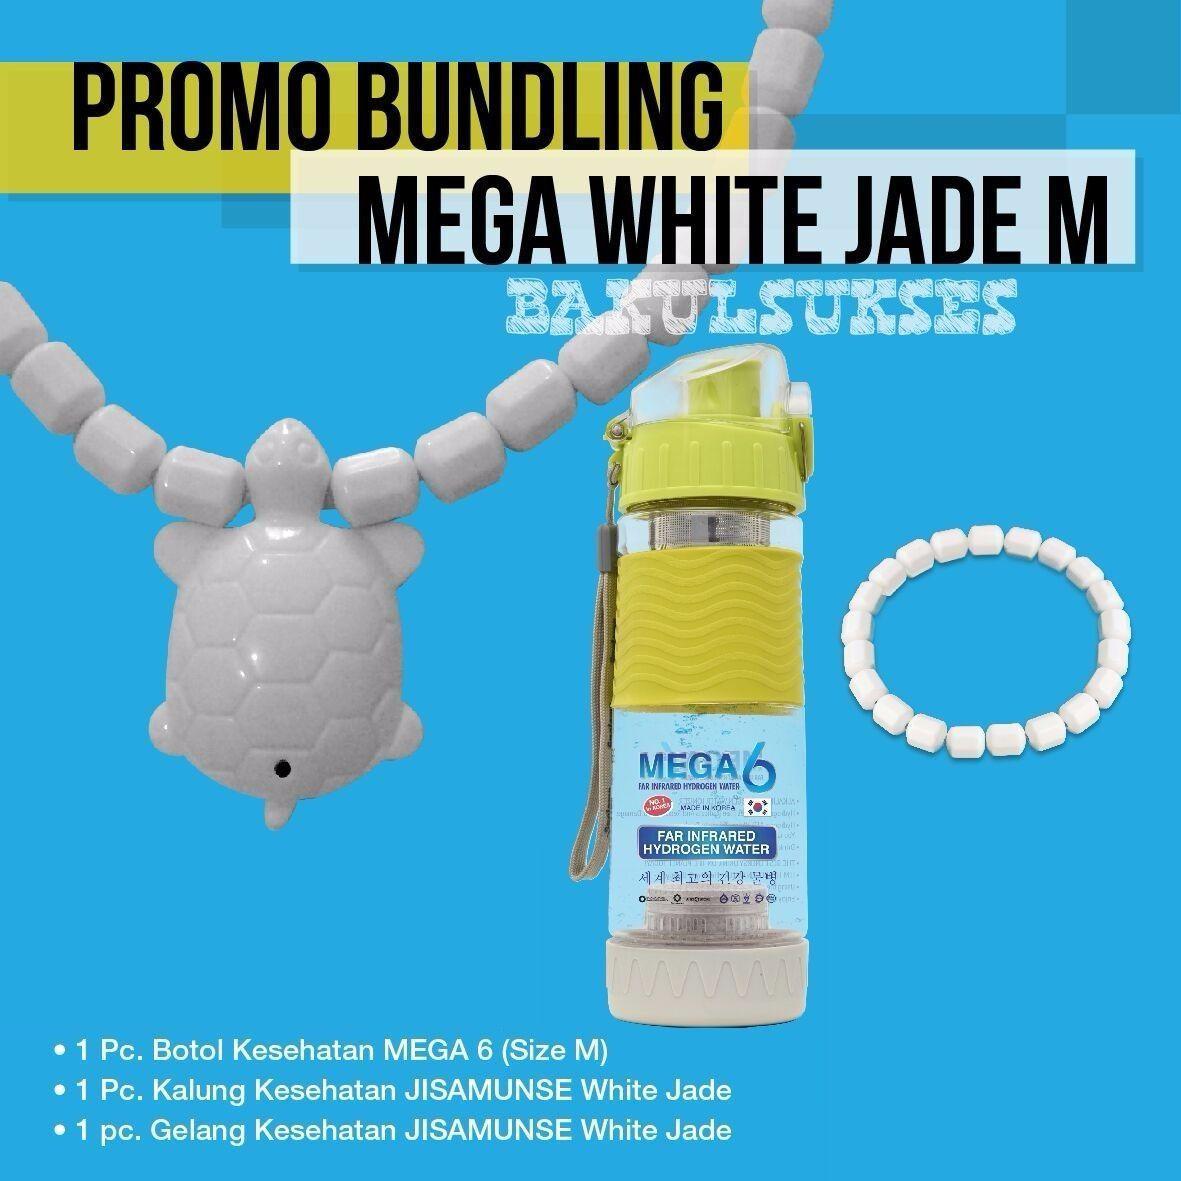 DOUBLE BONUS KALUNG JISAMUNSE WHITE JADE KURA KURA GRATIS BOTOL MEGA 6 500 ML - BOTOL